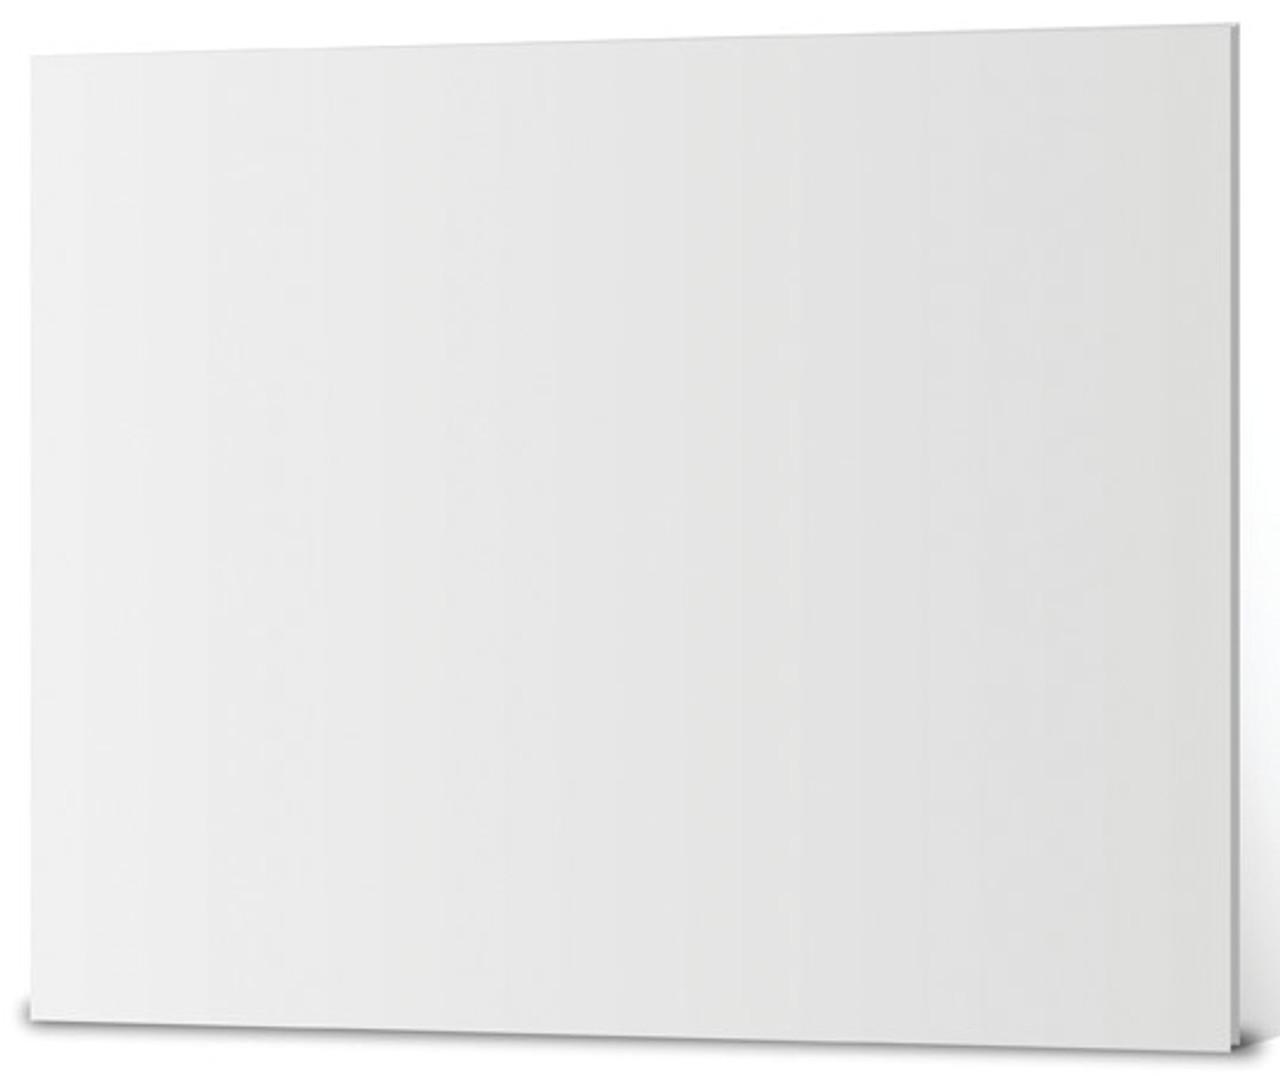 Elmer's Foam Board White 3/16in x 20in x 30in